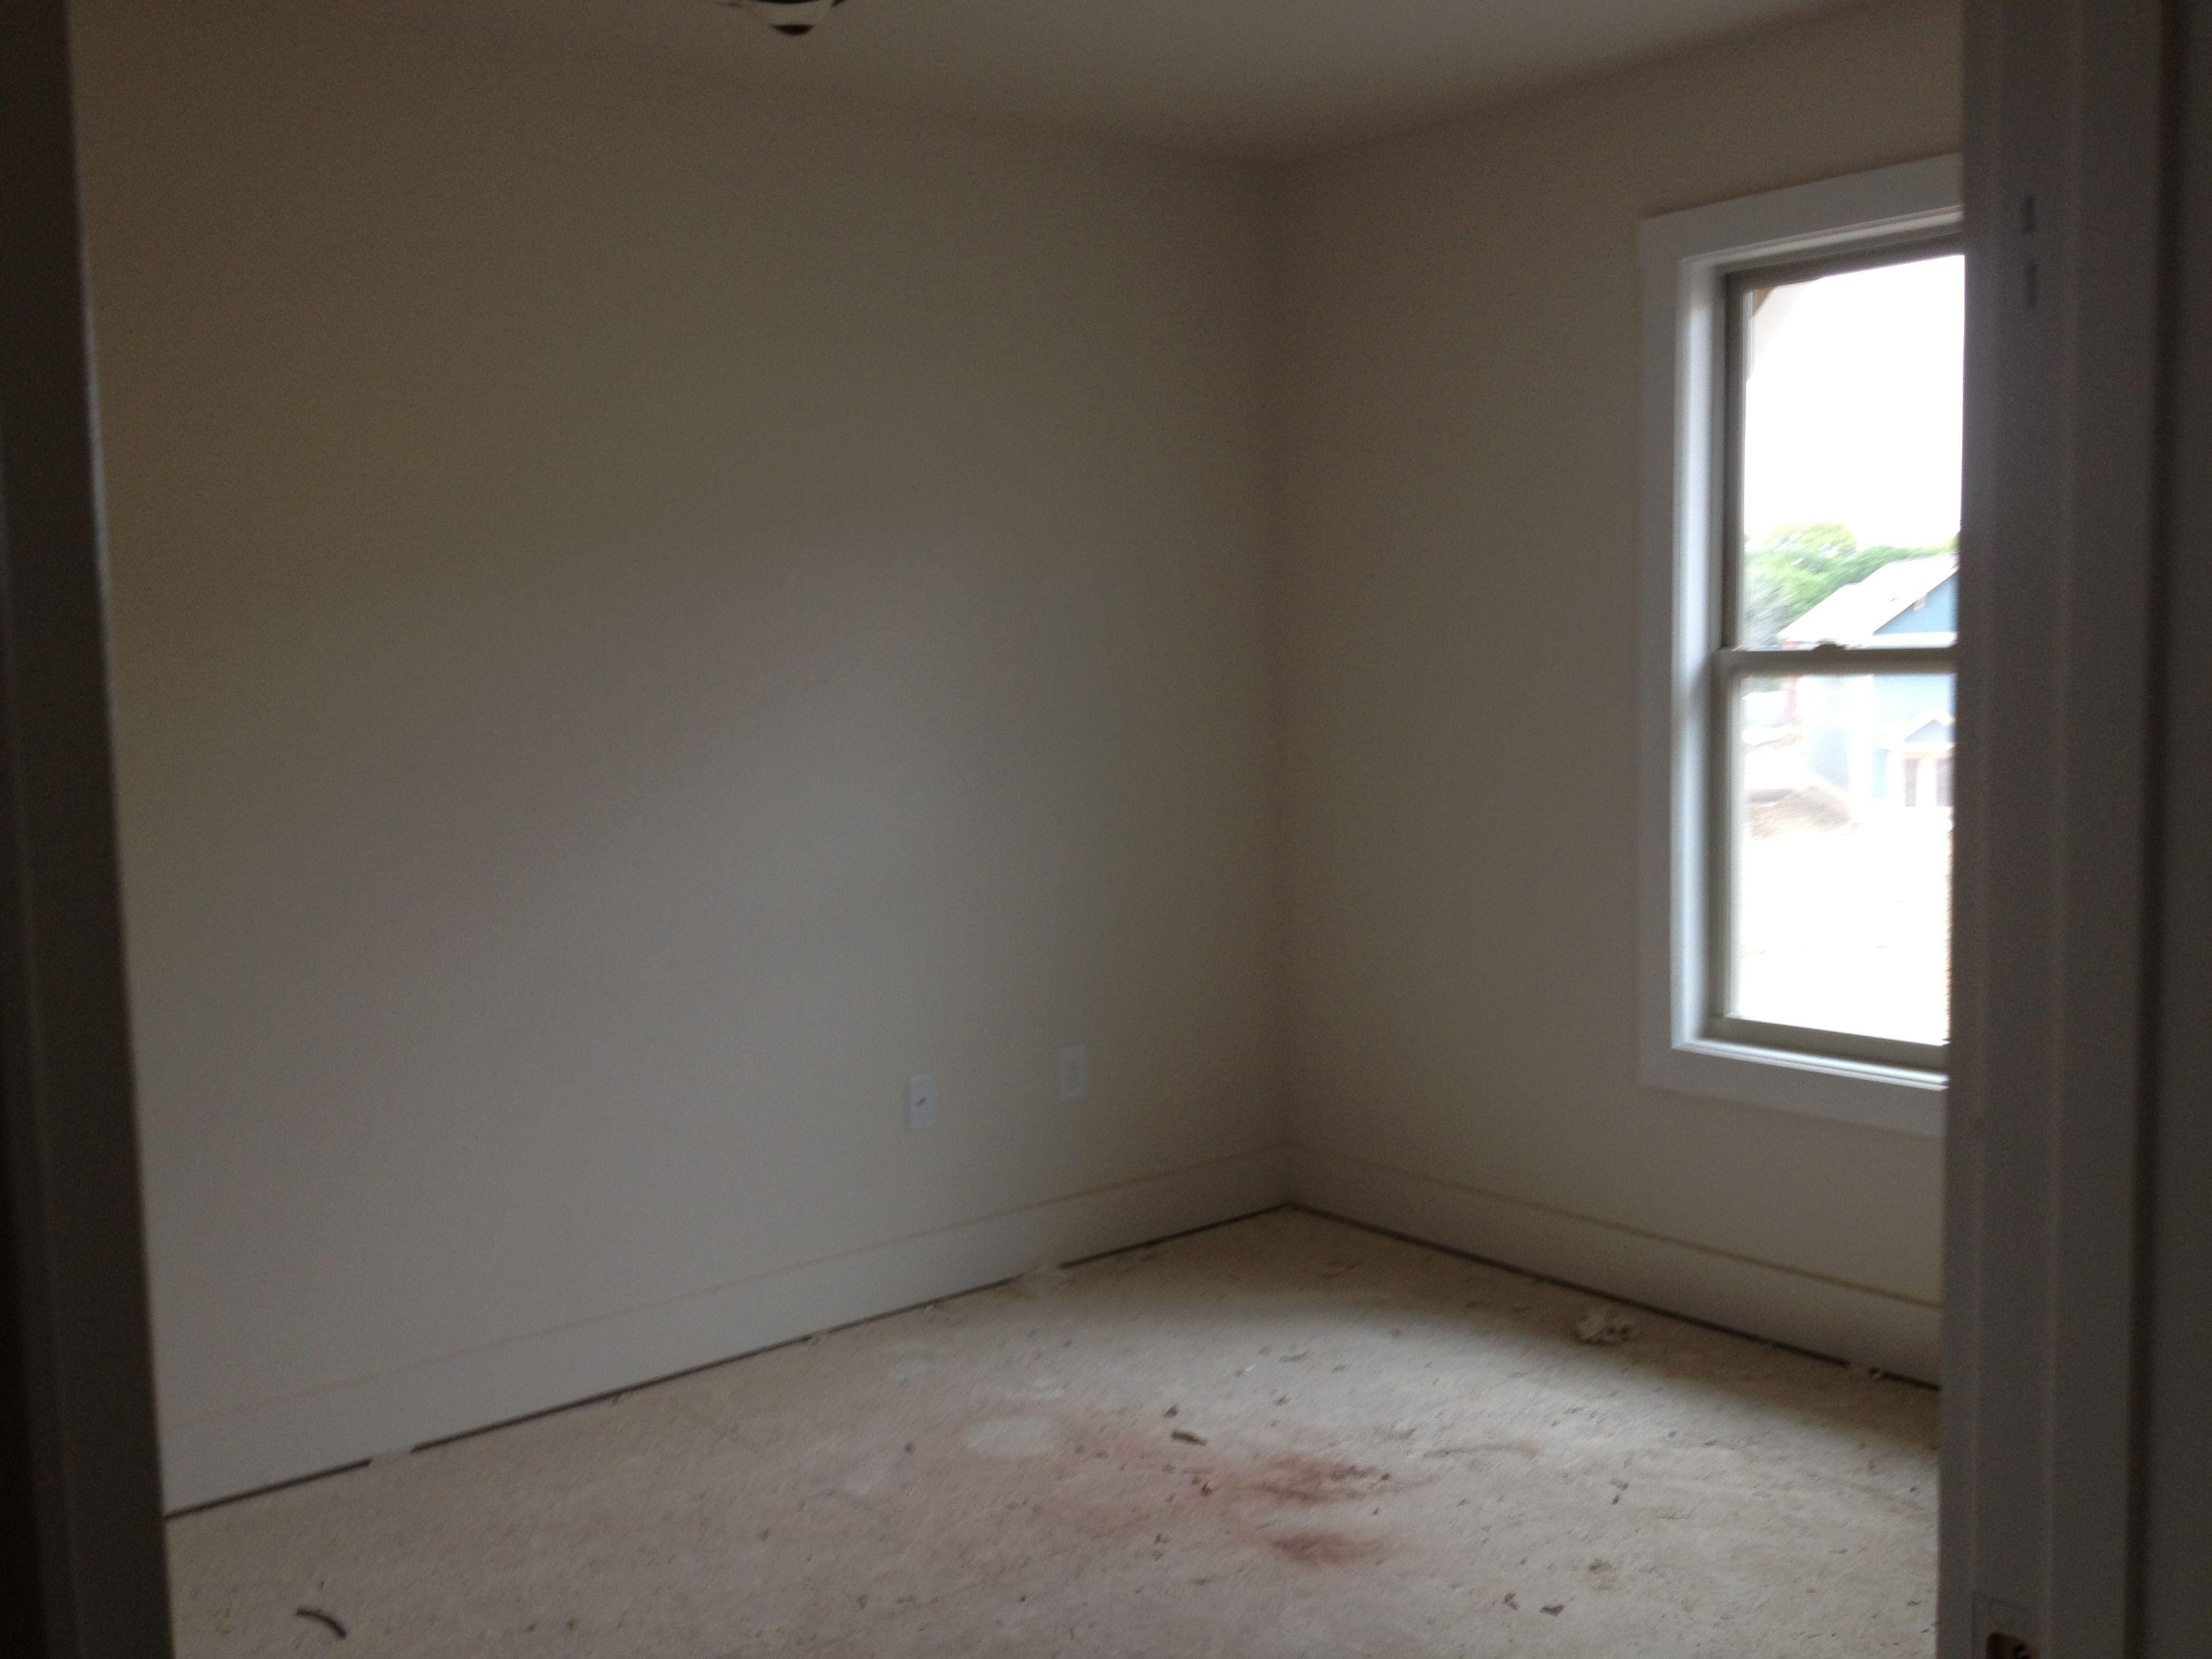 Bedroom in the 4x4 Courtyard Flooring